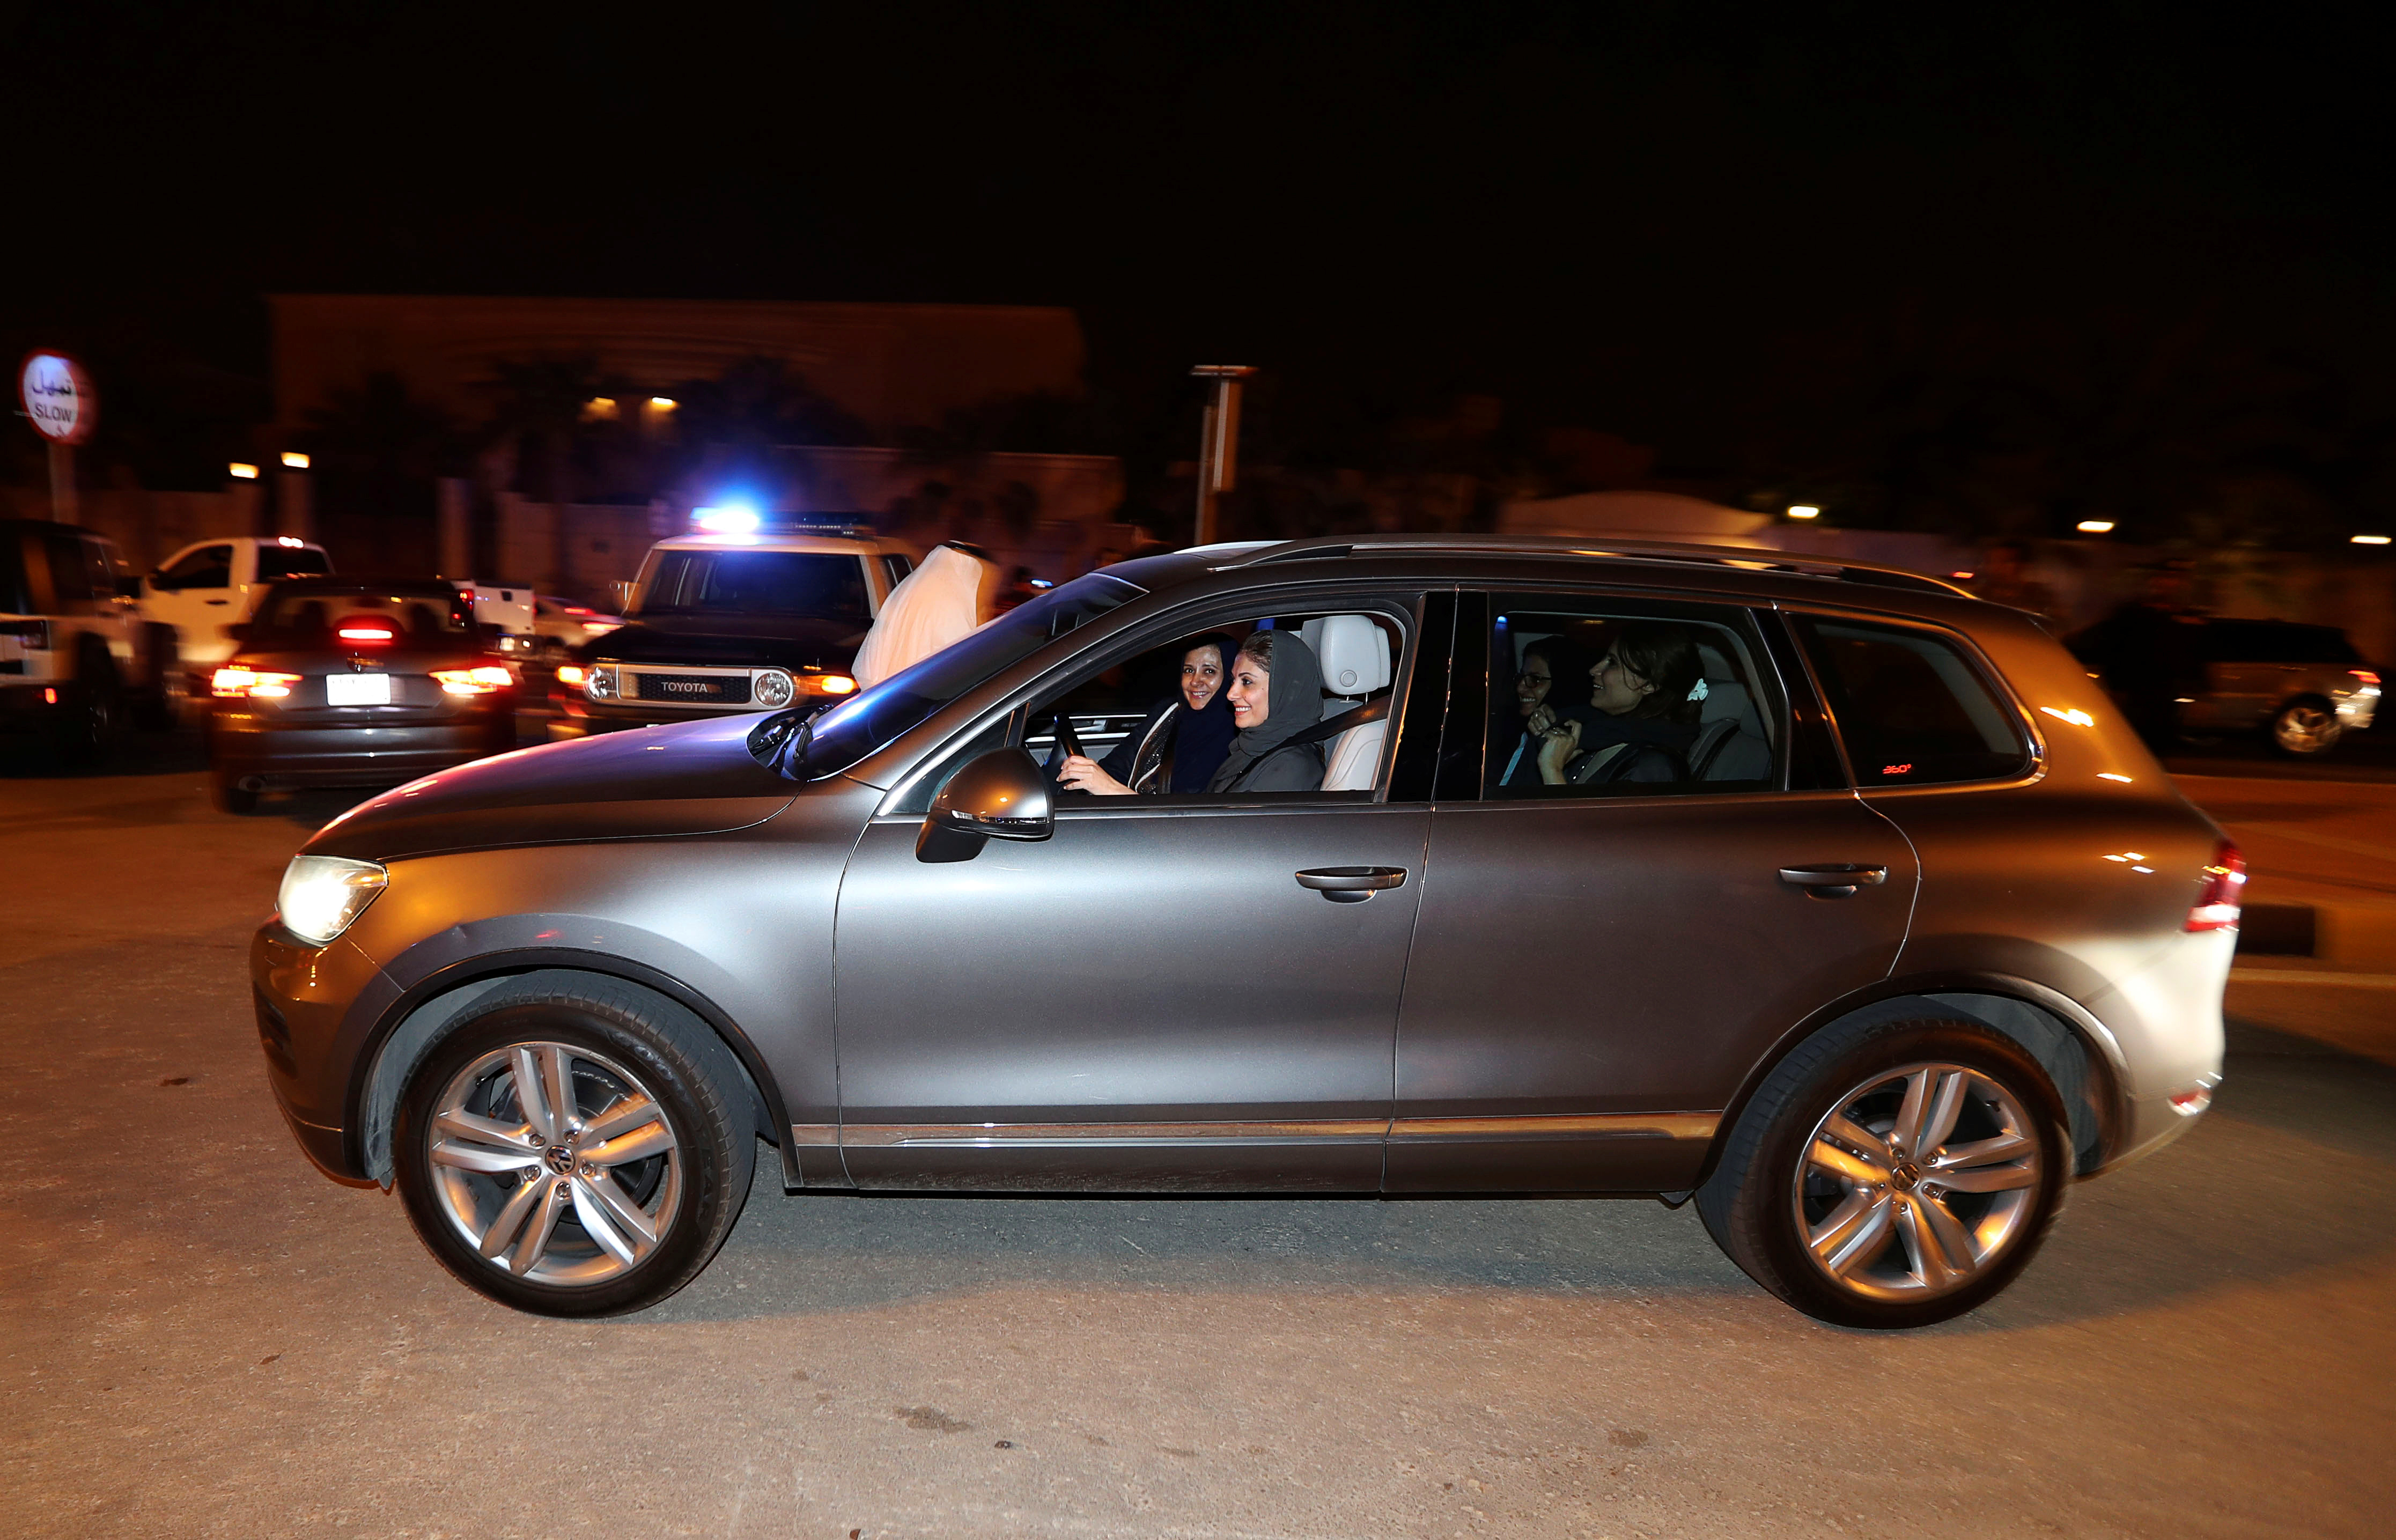 A Saudi woman drives her car in Al Khobar, Saudi Arabia, June 24, 2018. REUTERS/Hamad I Mohammed - RC149DE96480